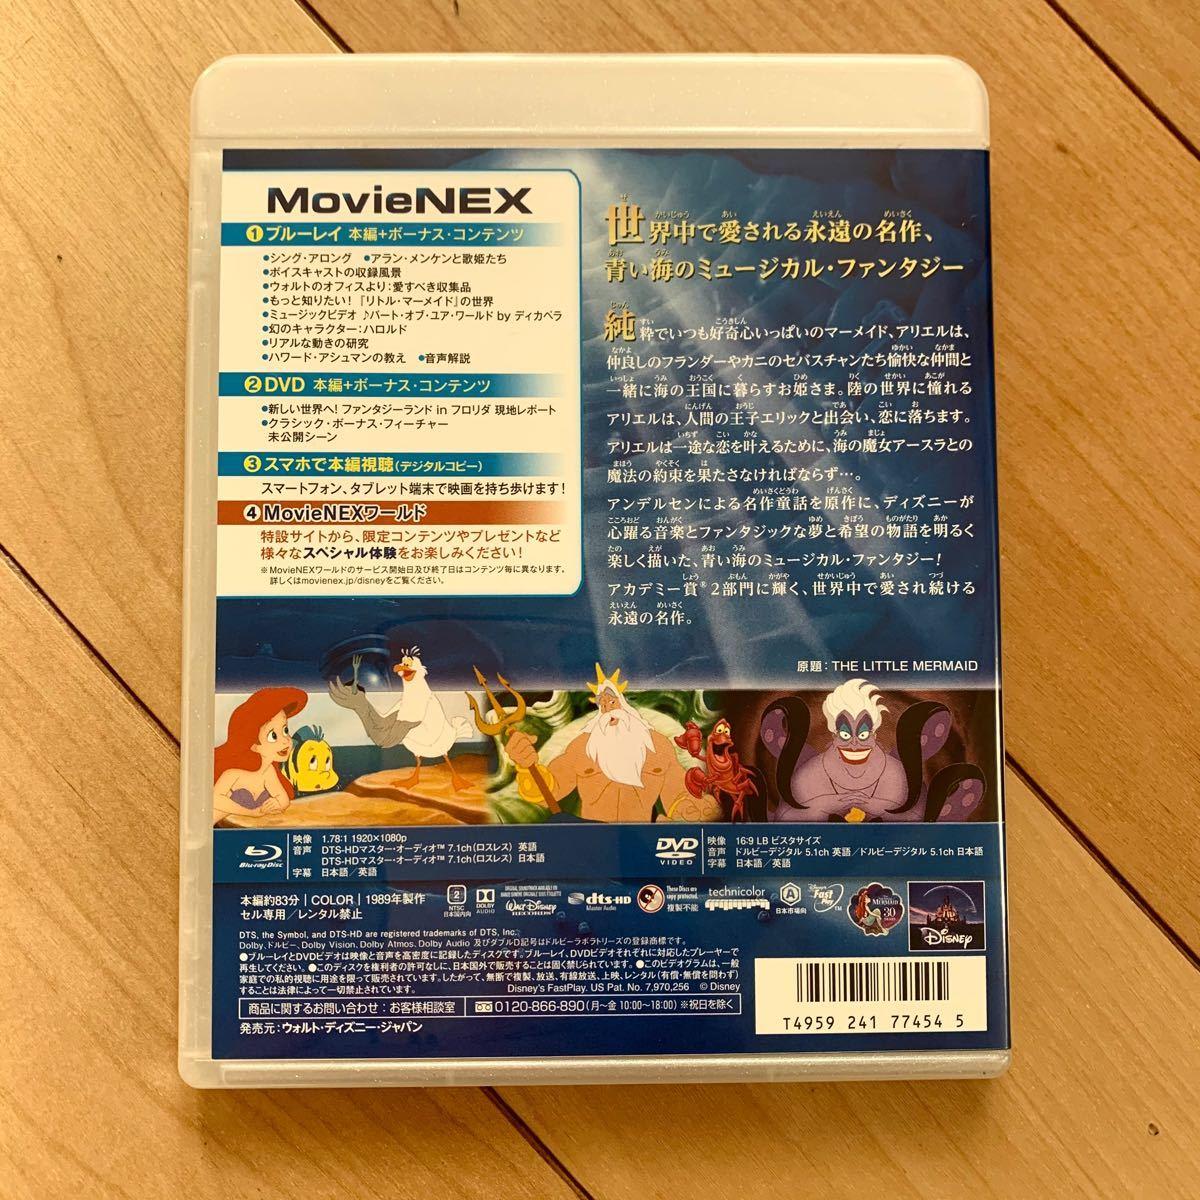 リトル・マーメイド ブルーレイ+純正ケース【国内正規版】新品未再生 MovieNEX ディズニー disney Blu-ray